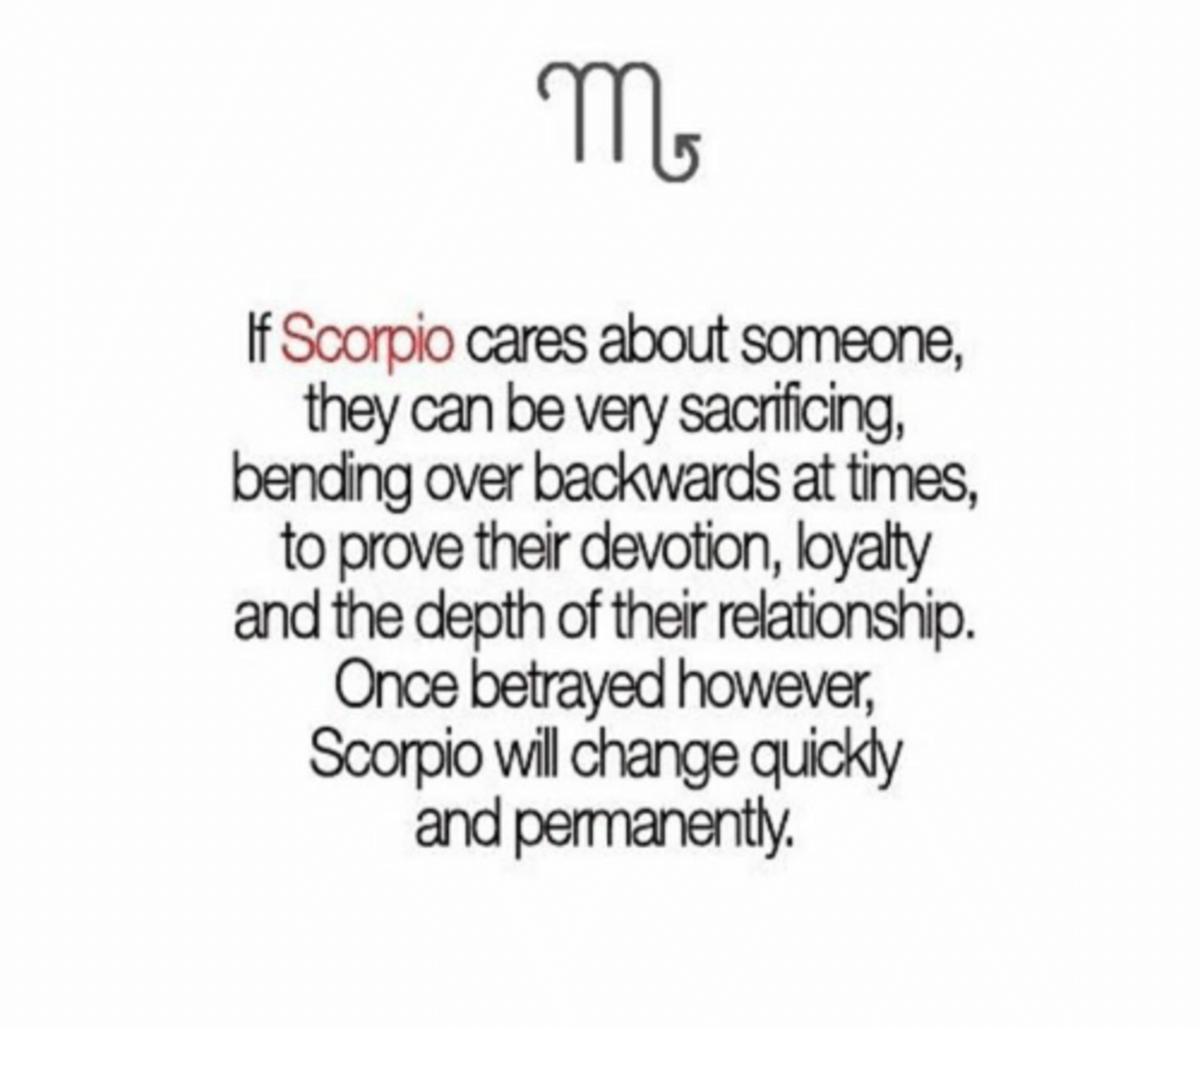 Are Scorpios Evil? | Exemplore